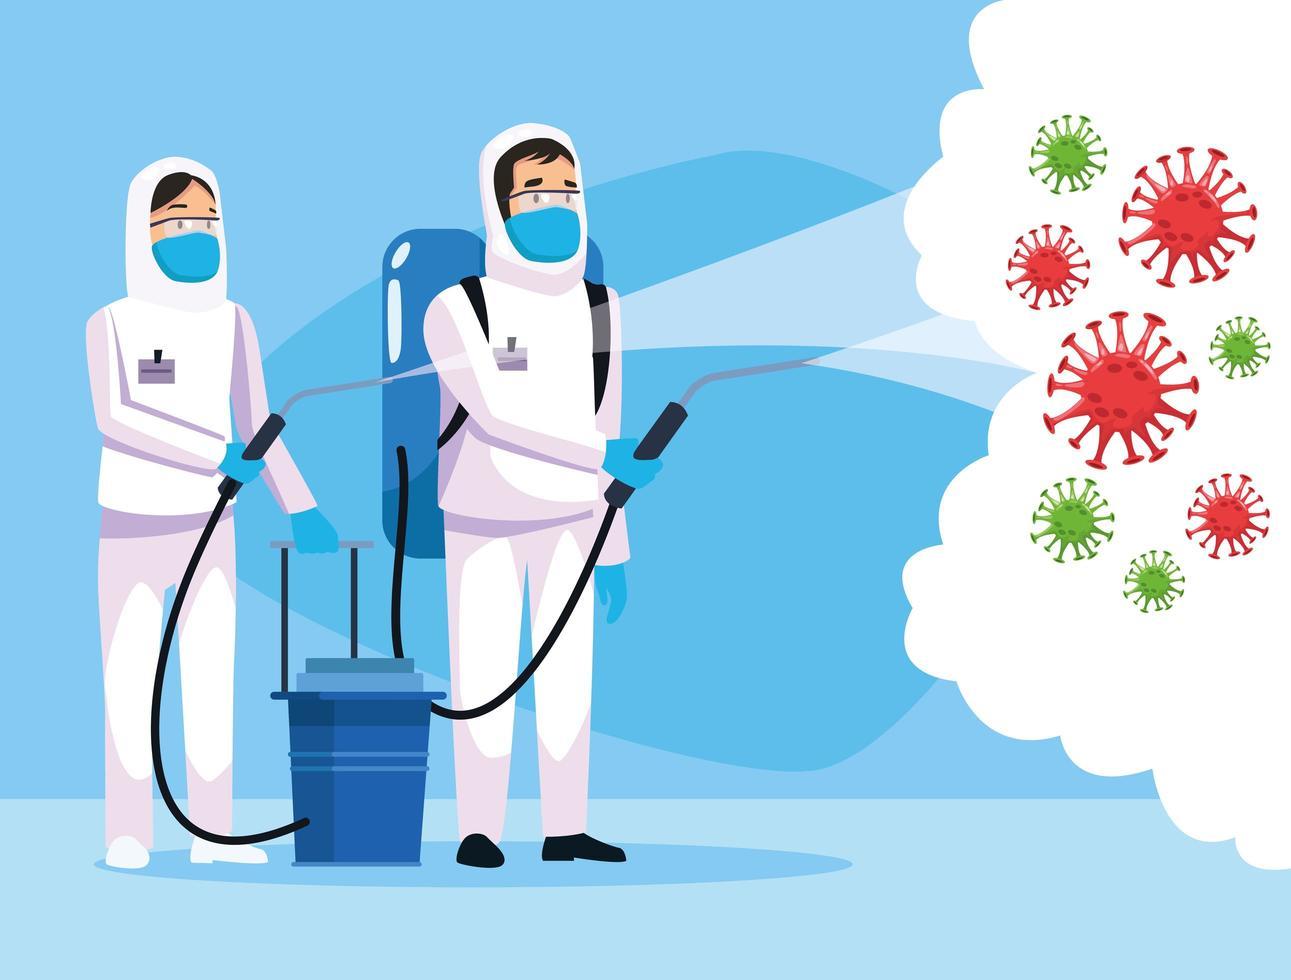 biohazard-reiniging van personen met spuitmachine om coronavirus te bestrijden vector